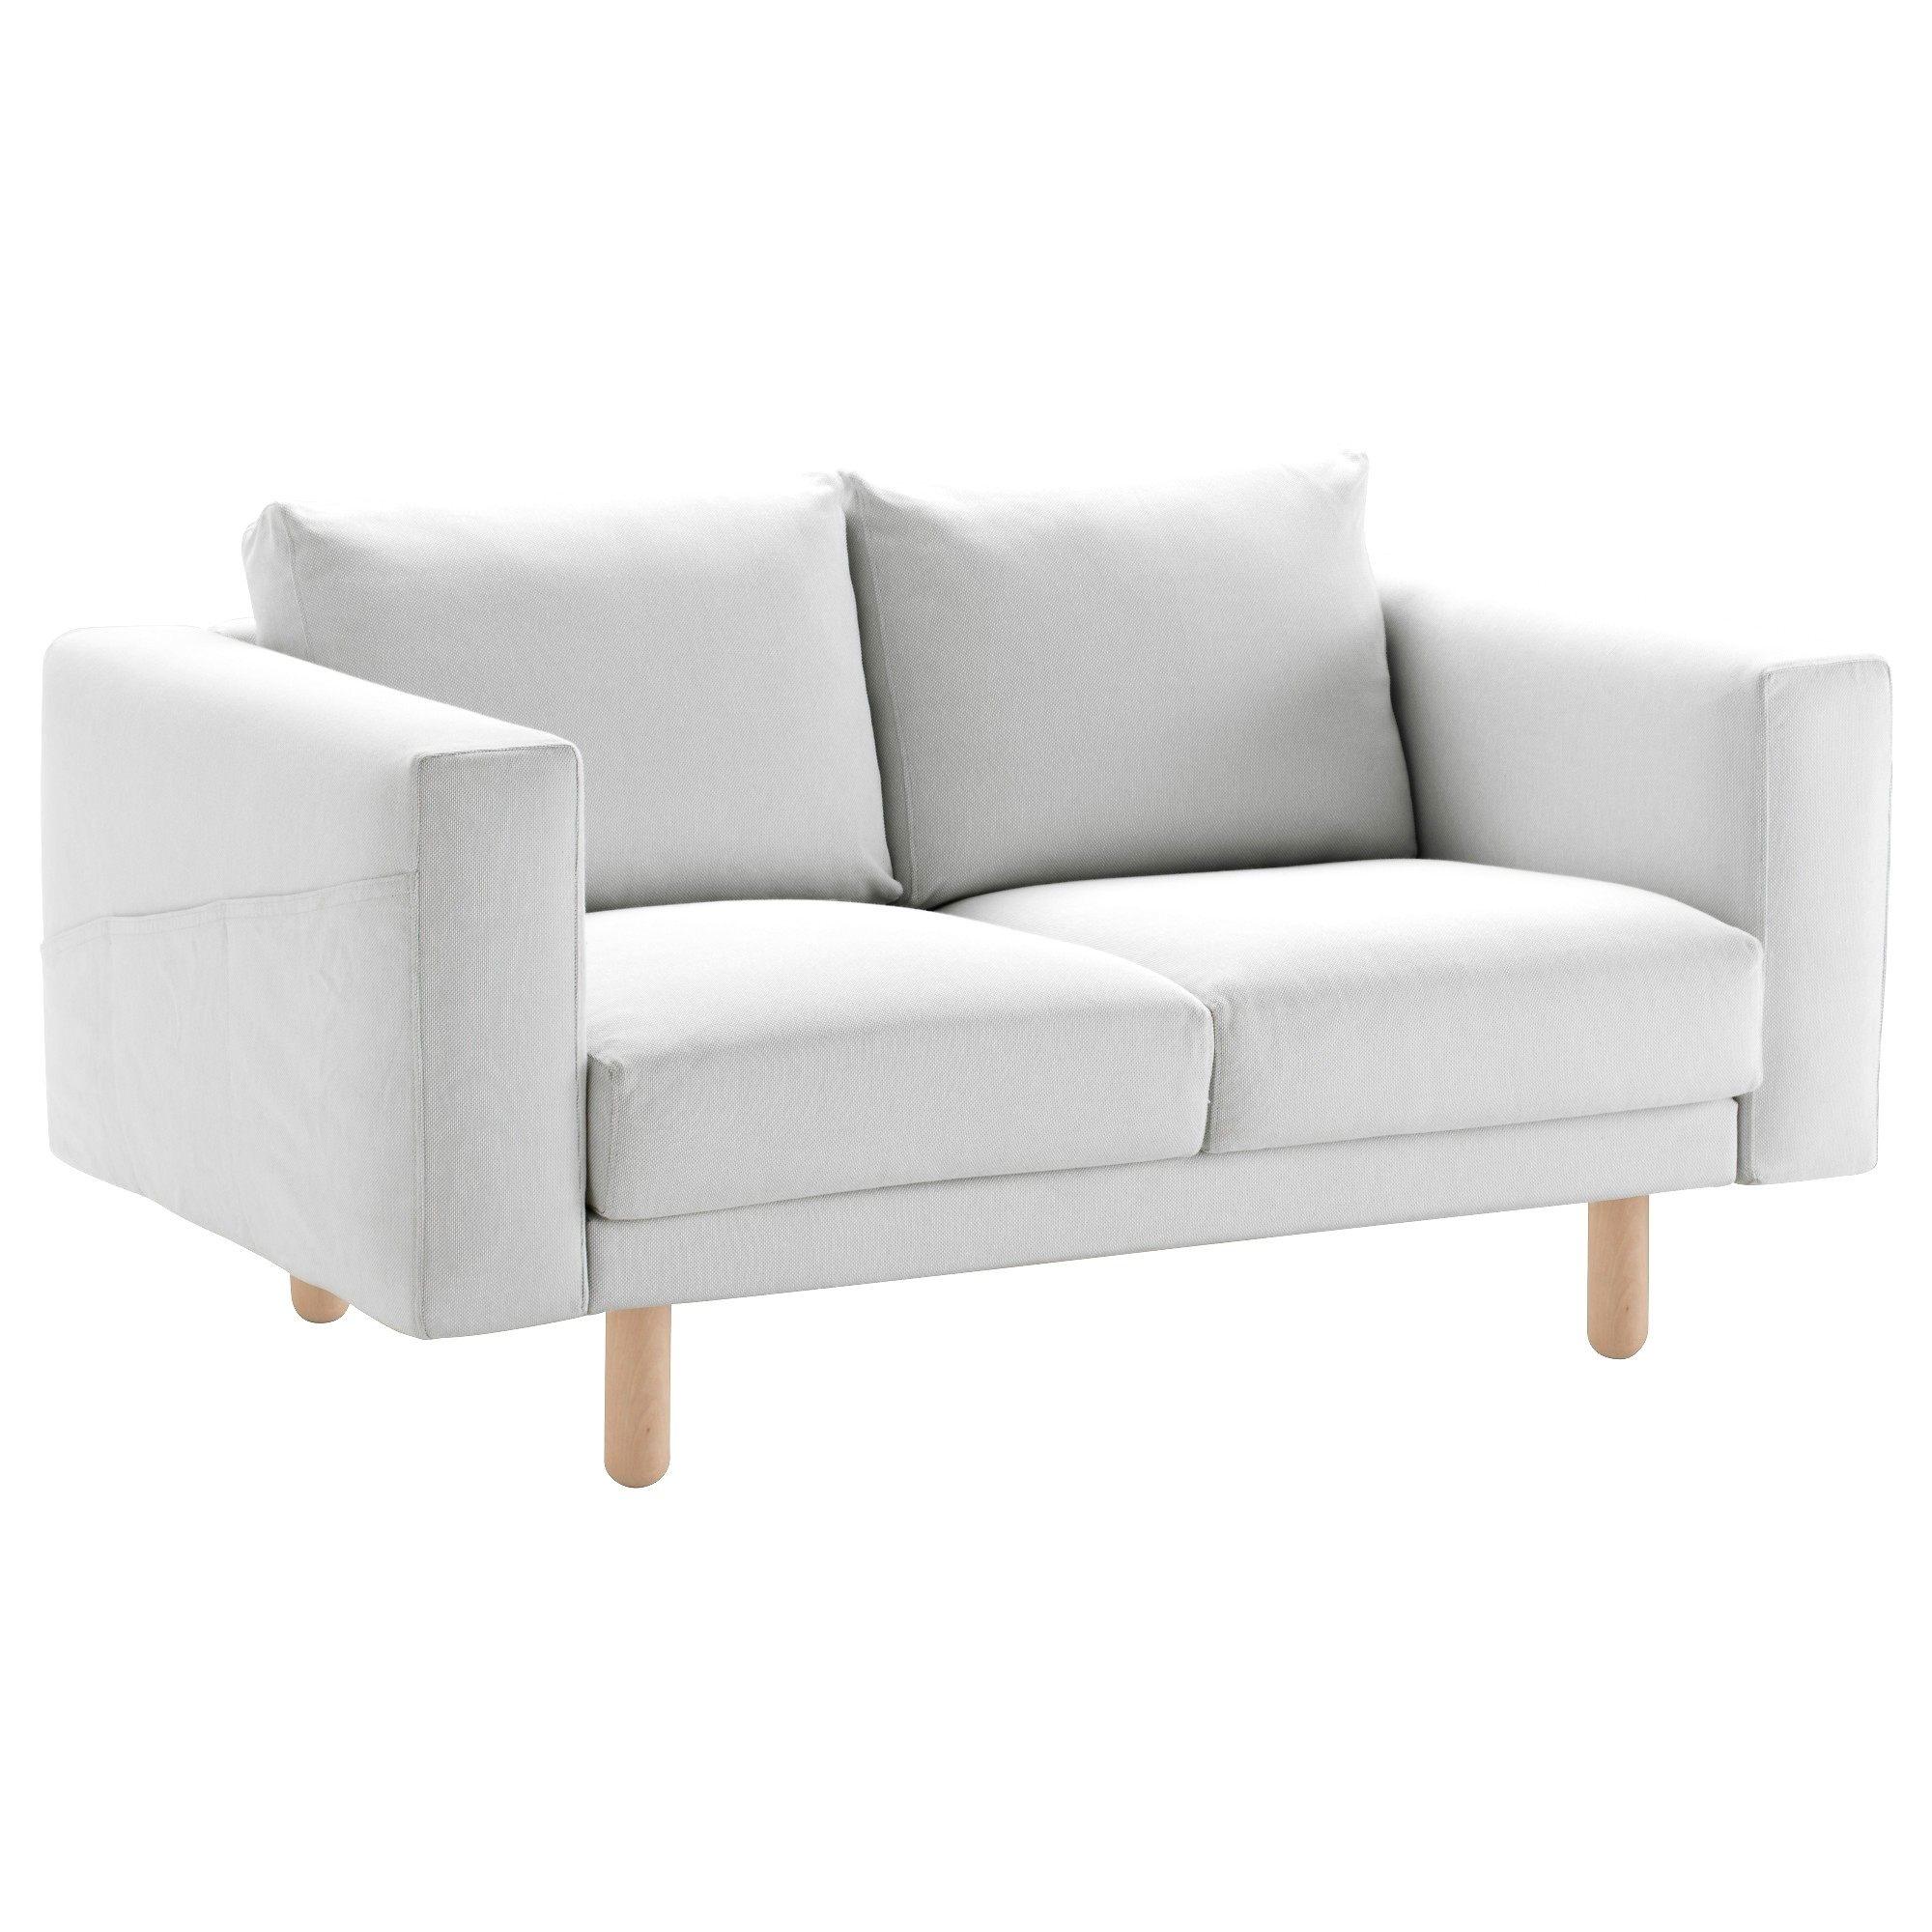 Divan Lit Ikea Inspirant Incroyable Canapes Lits Sur Banquette Lit Futon Frais Coussin Futon